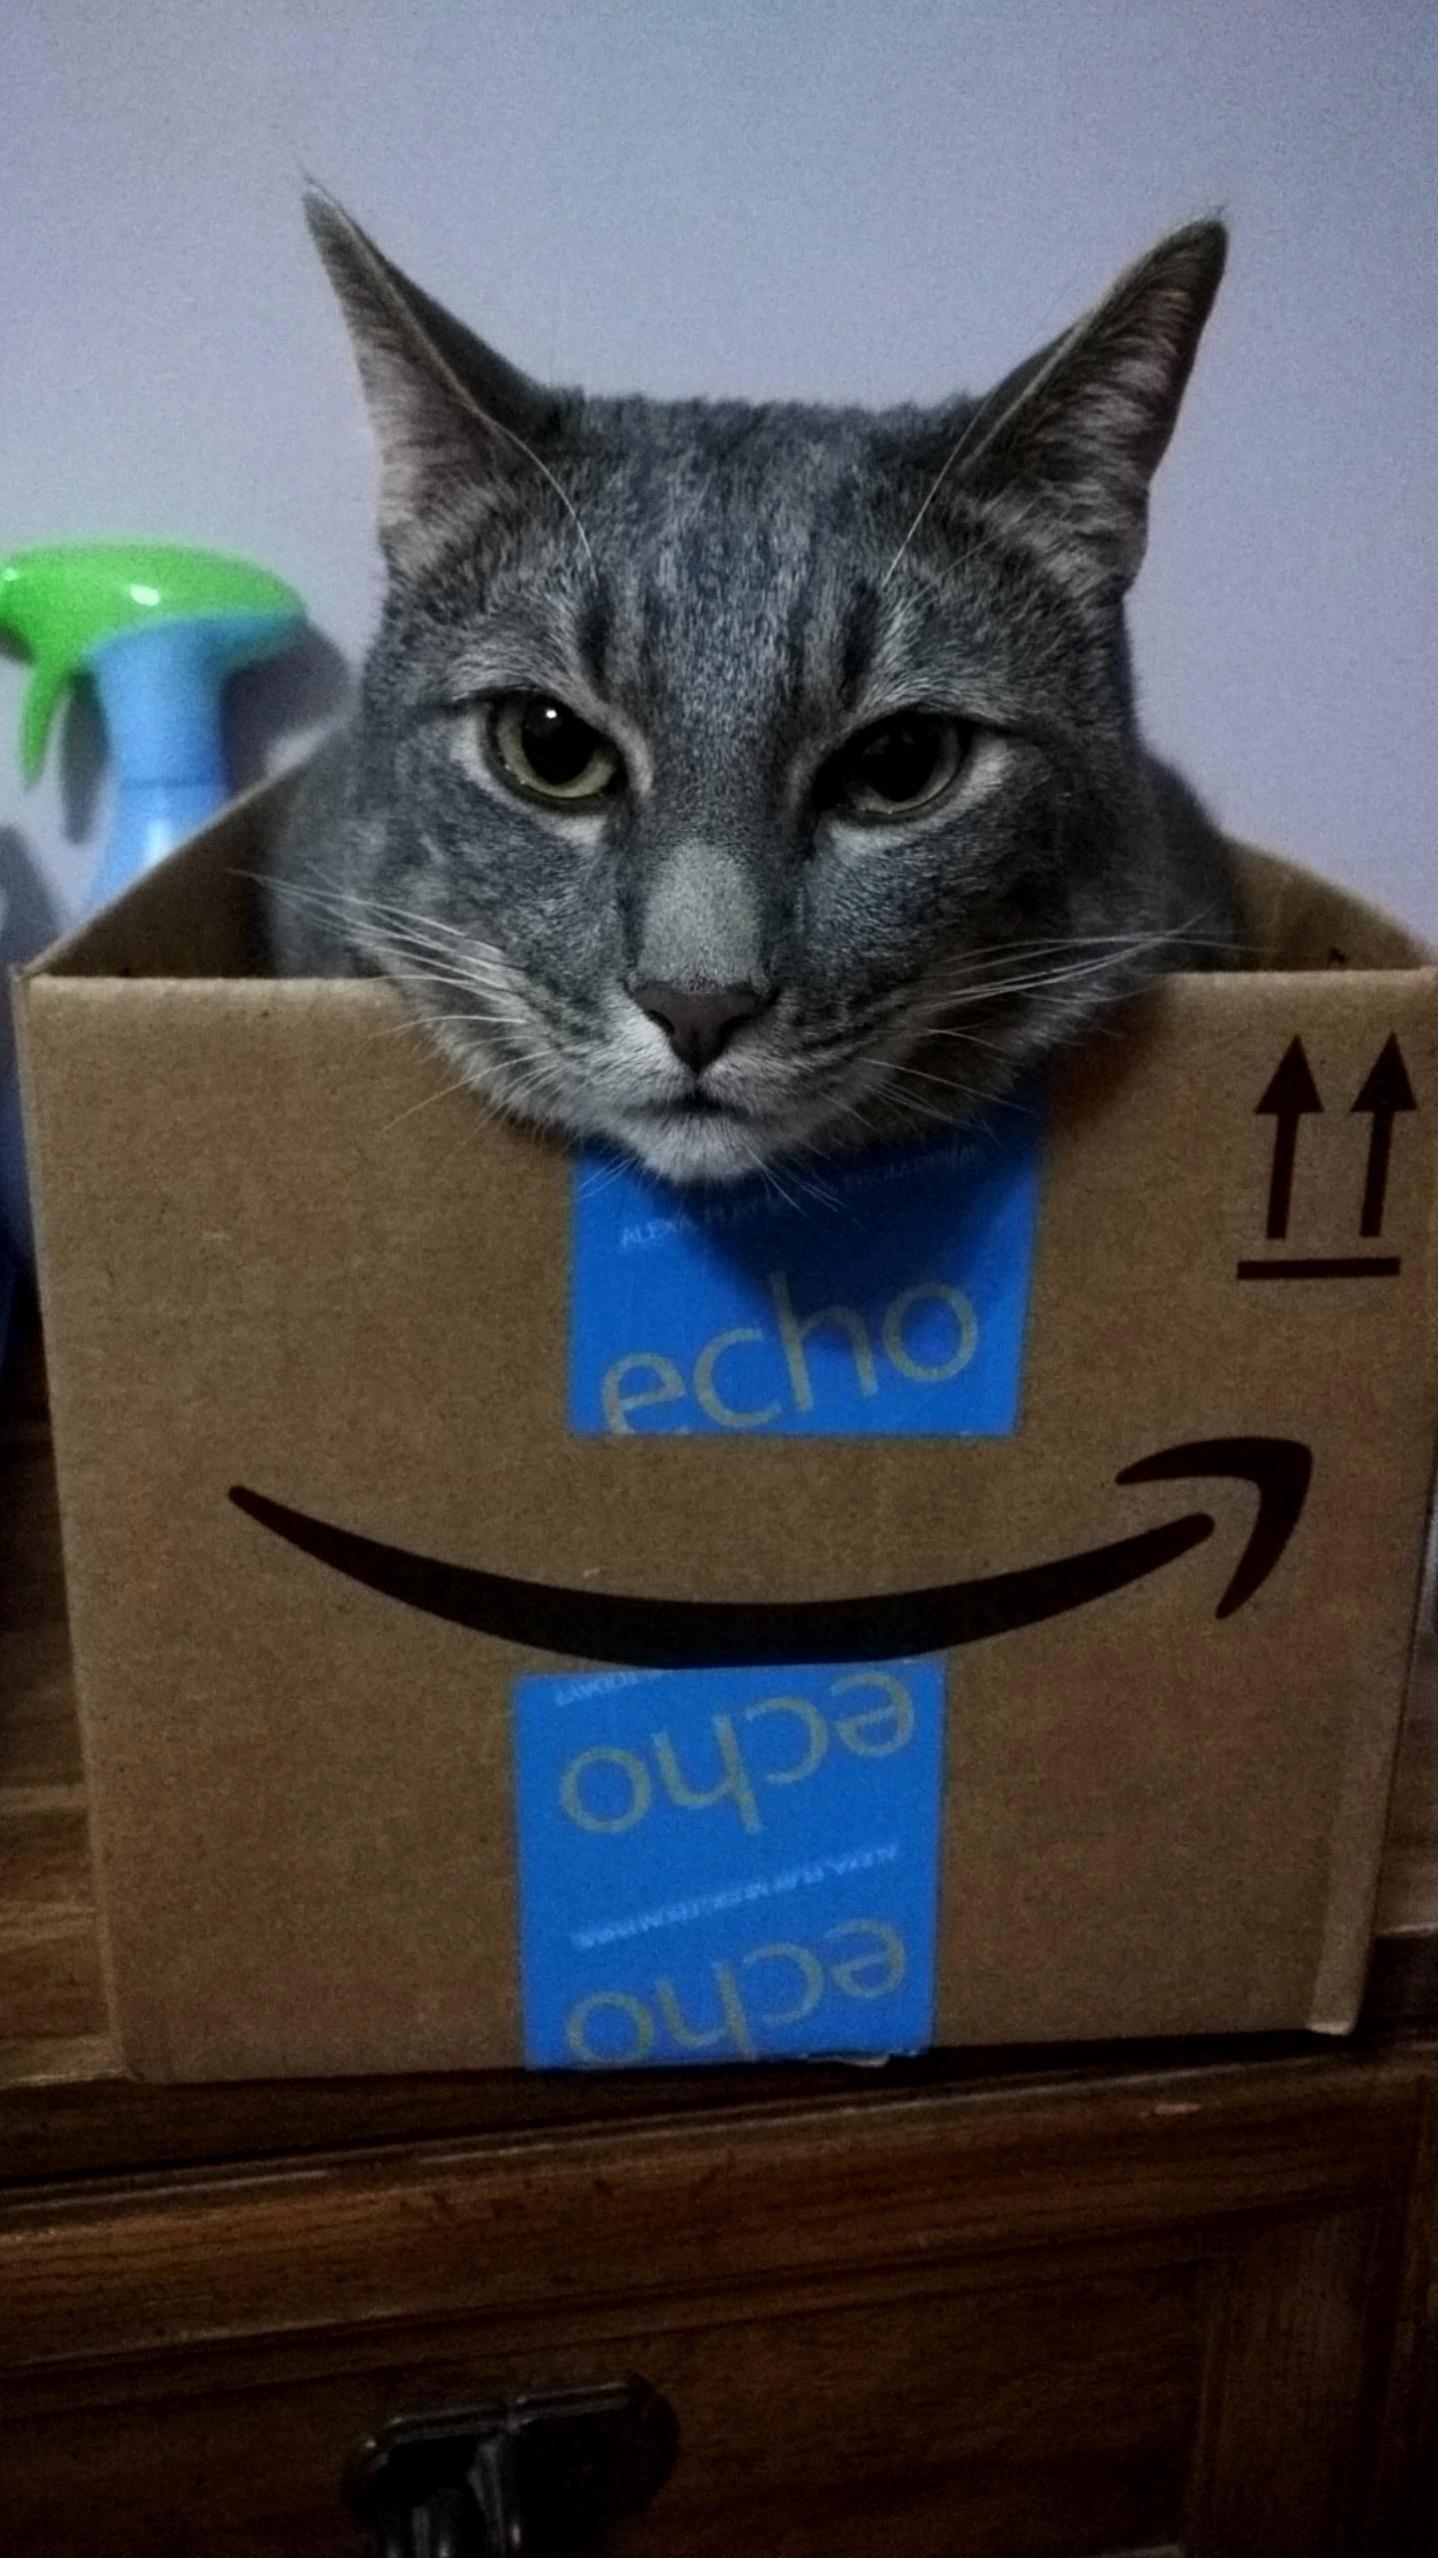 Glaring cat, smiling box.